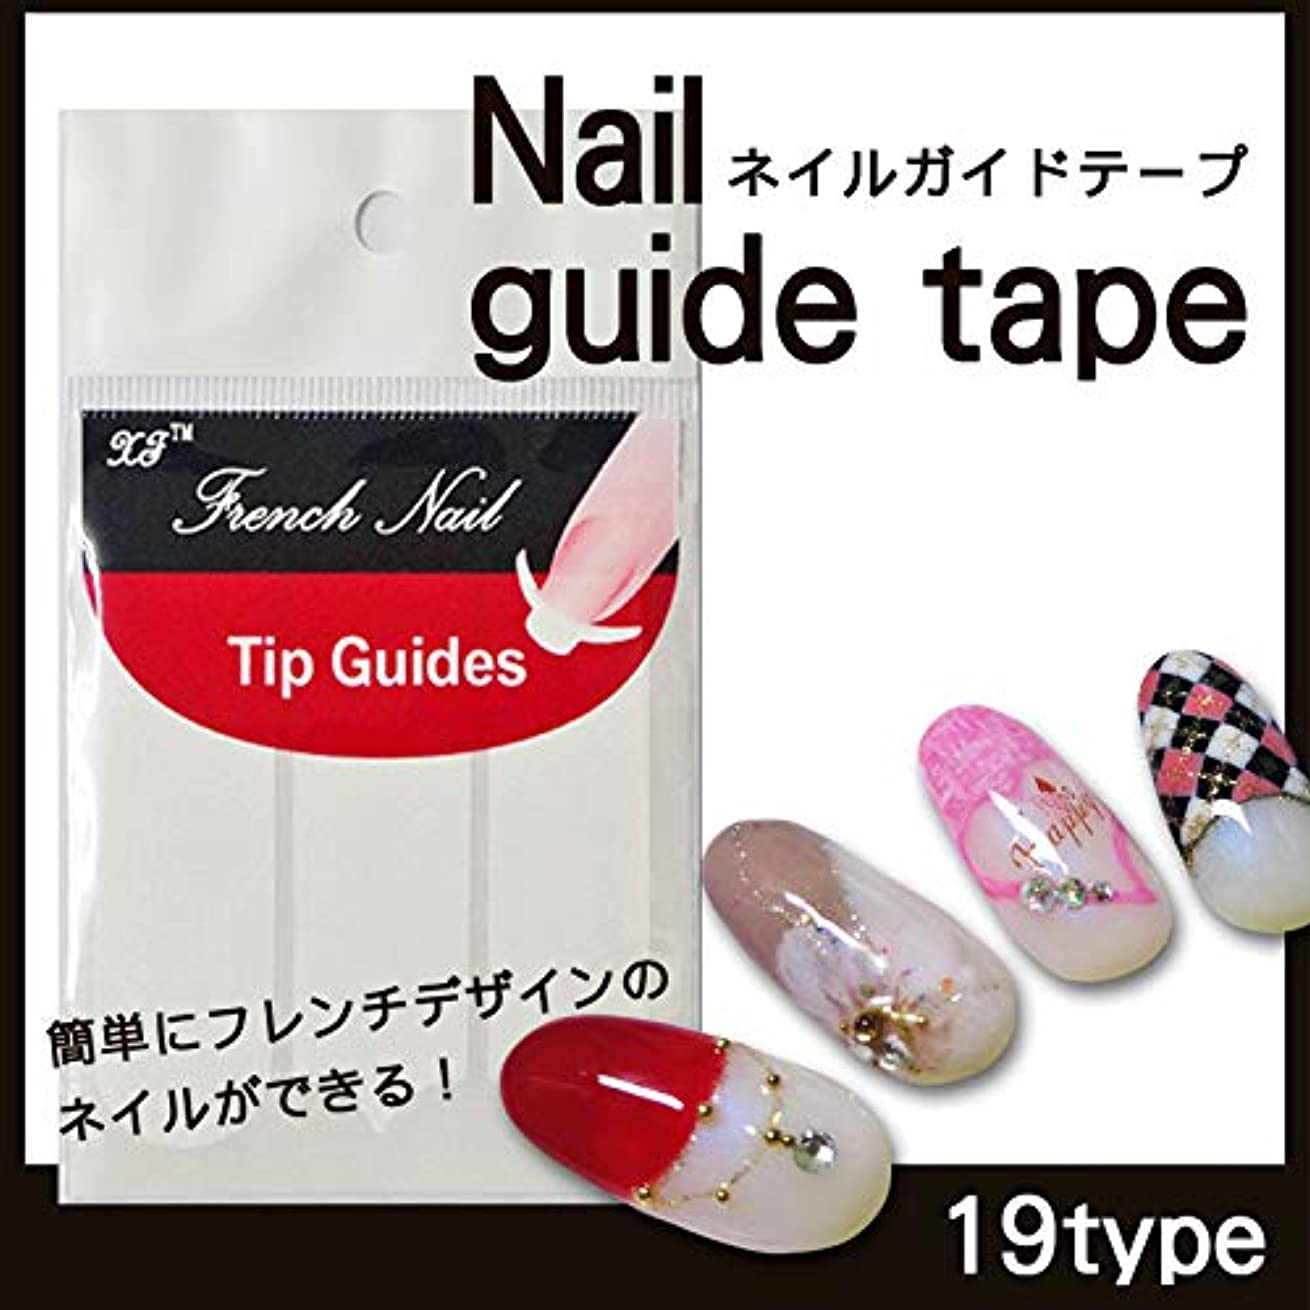 倒産条約メニューネイル用 ガイドテープ (ガイドテープ【13】)